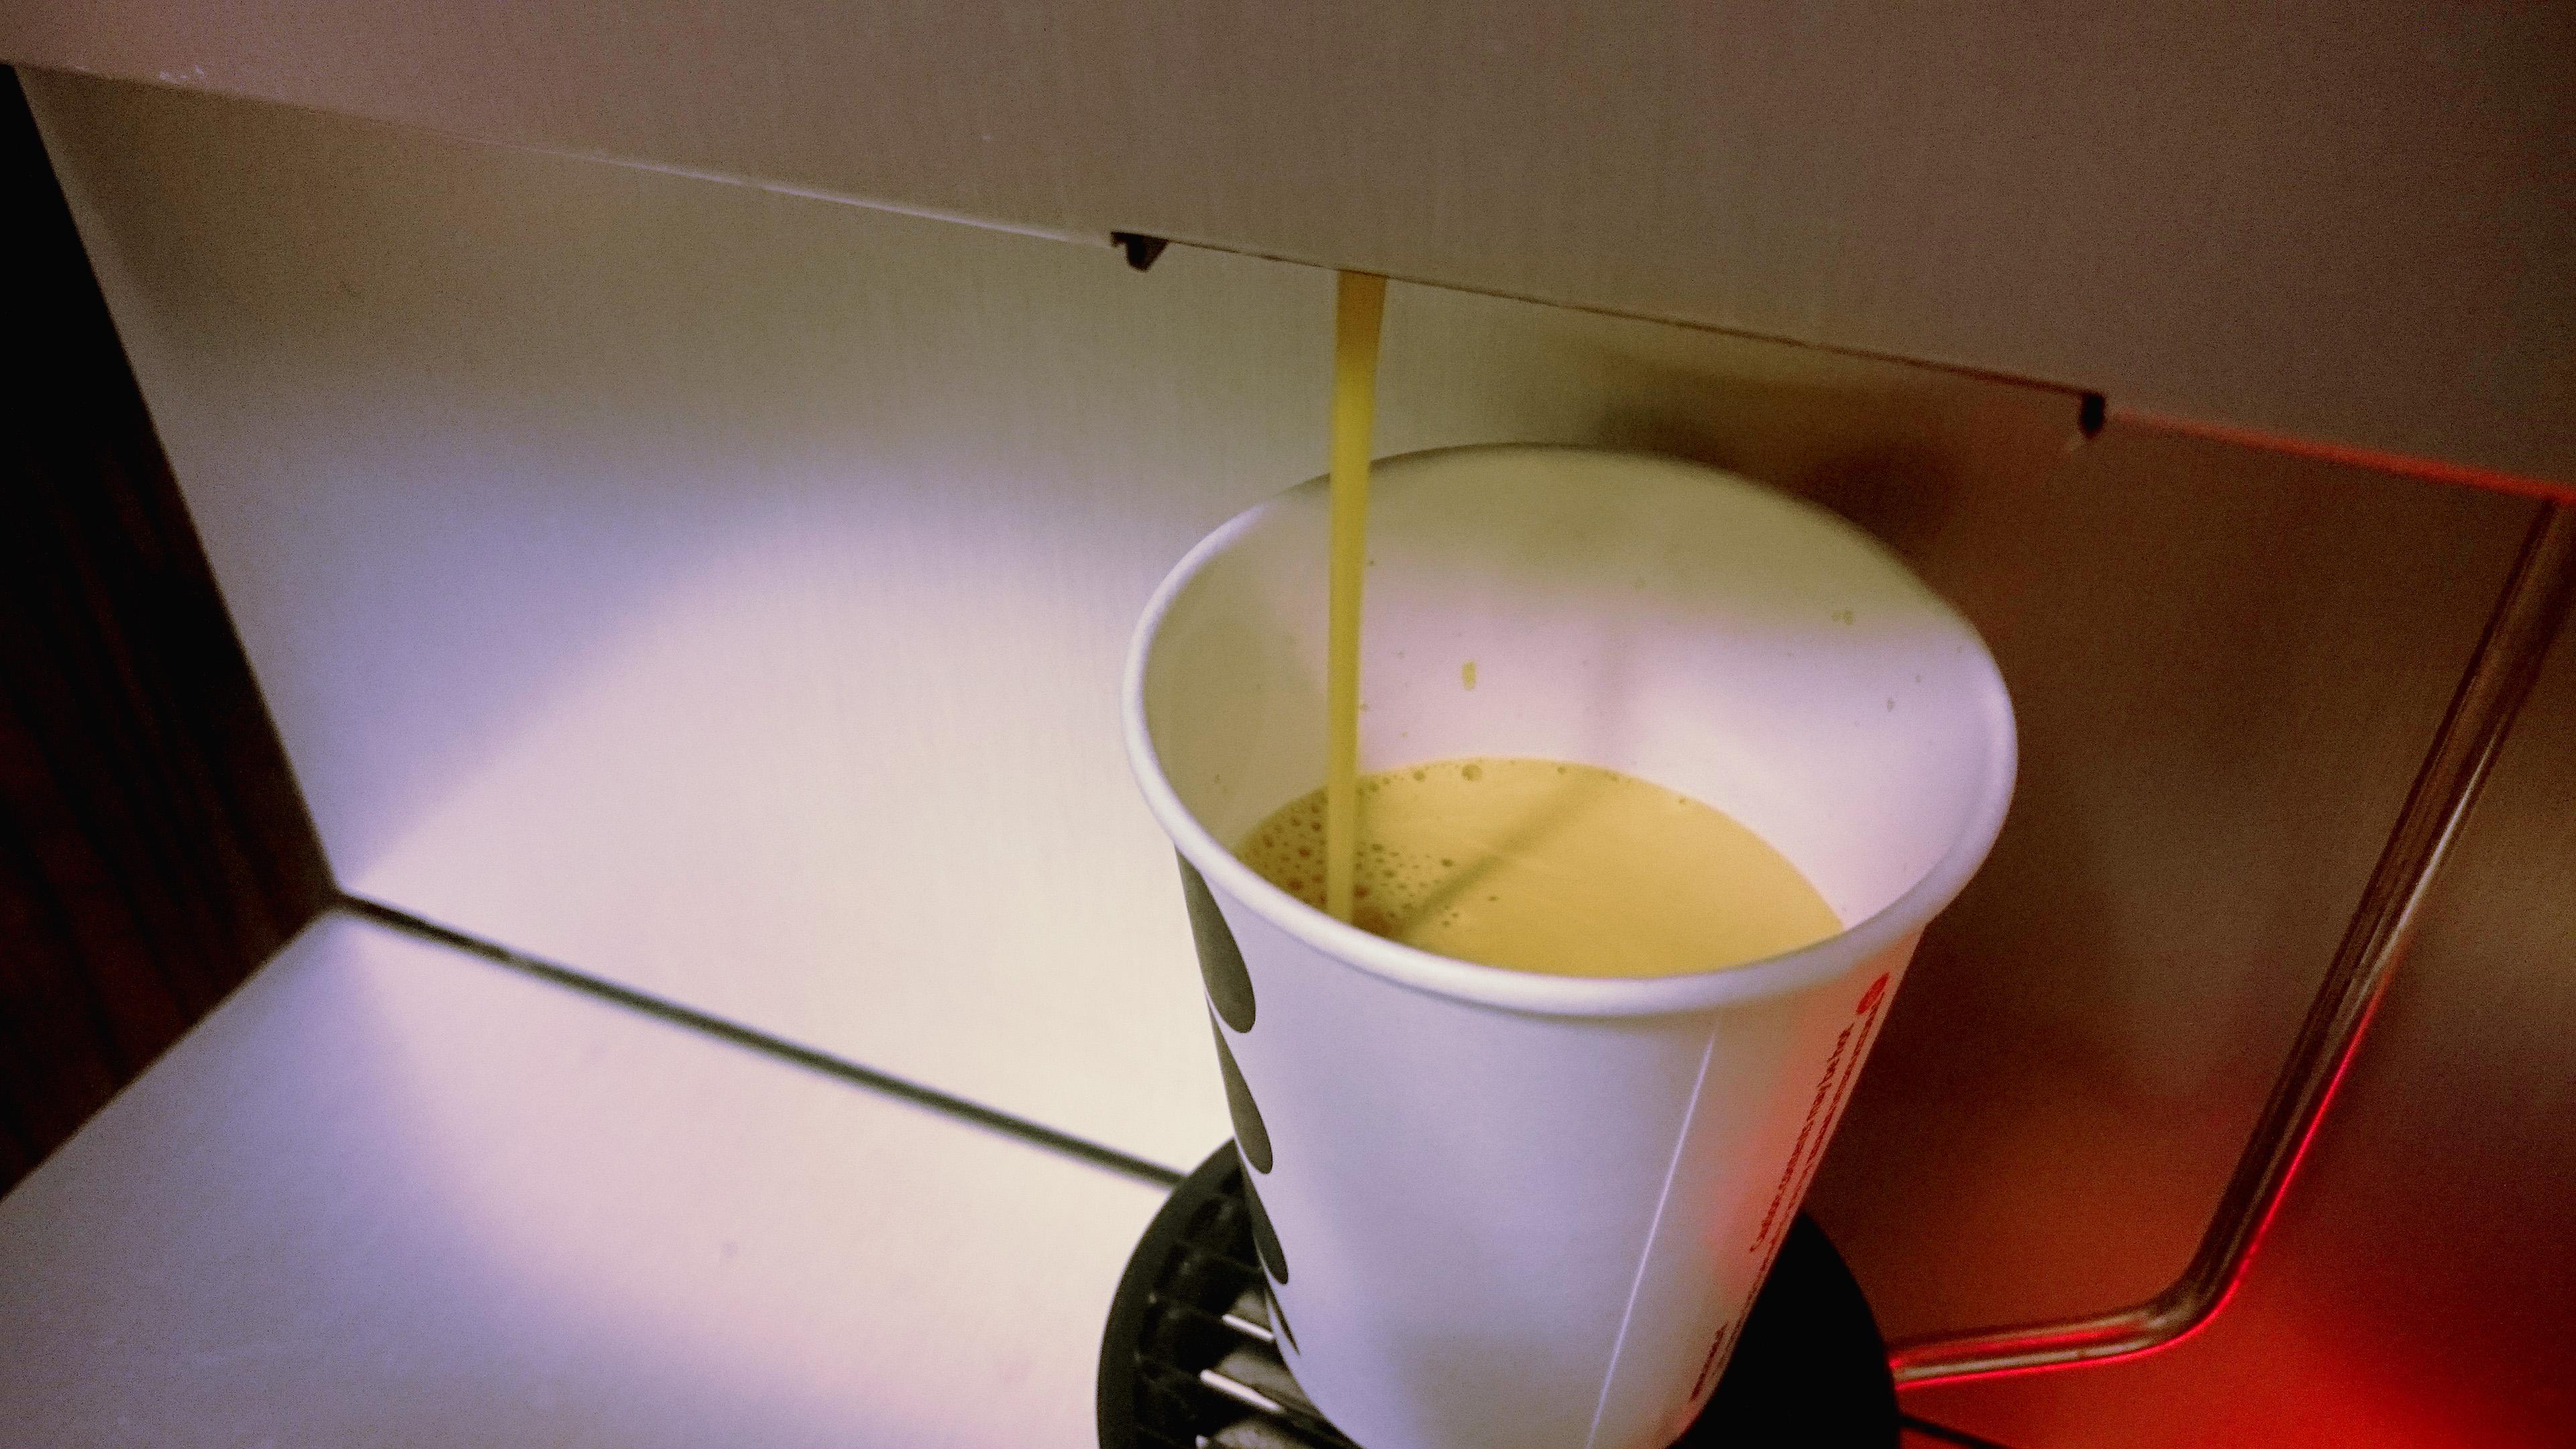 koffieautomaat-koffie-beker-1